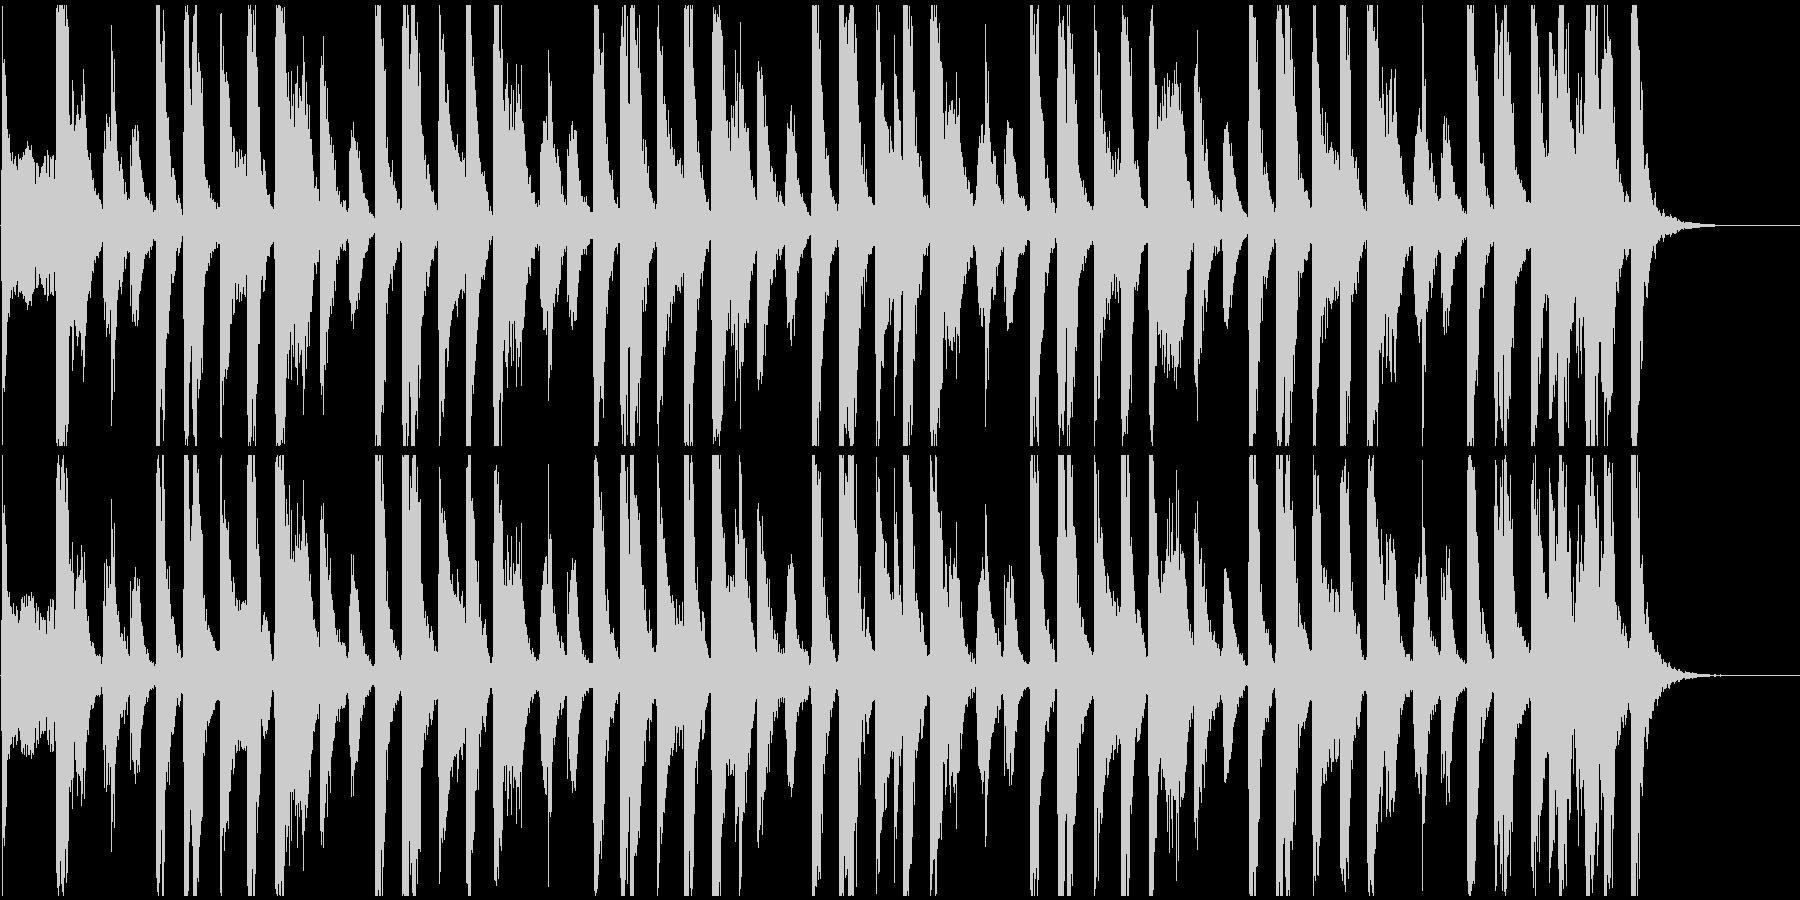 クイズの考え中BGM【15秒】の未再生の波形